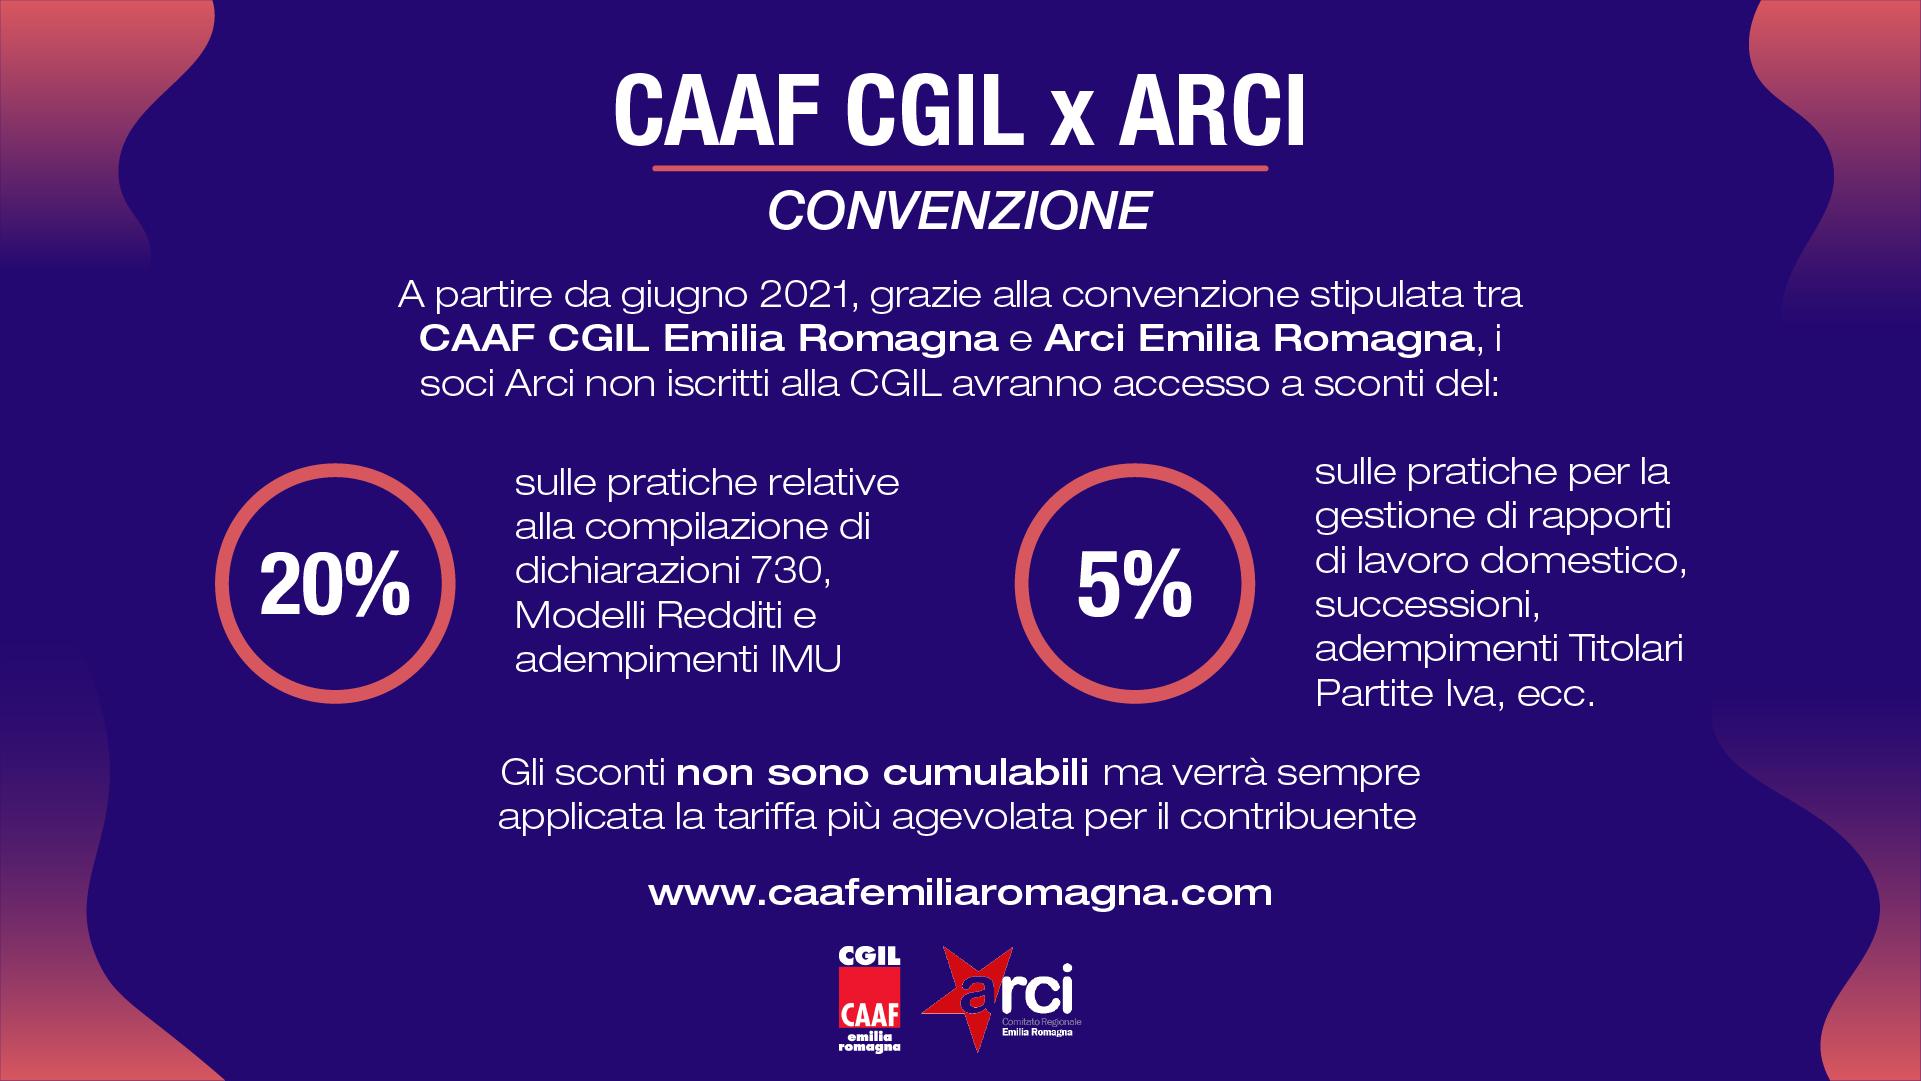 Convenzione Caaf CGIL x ARCI